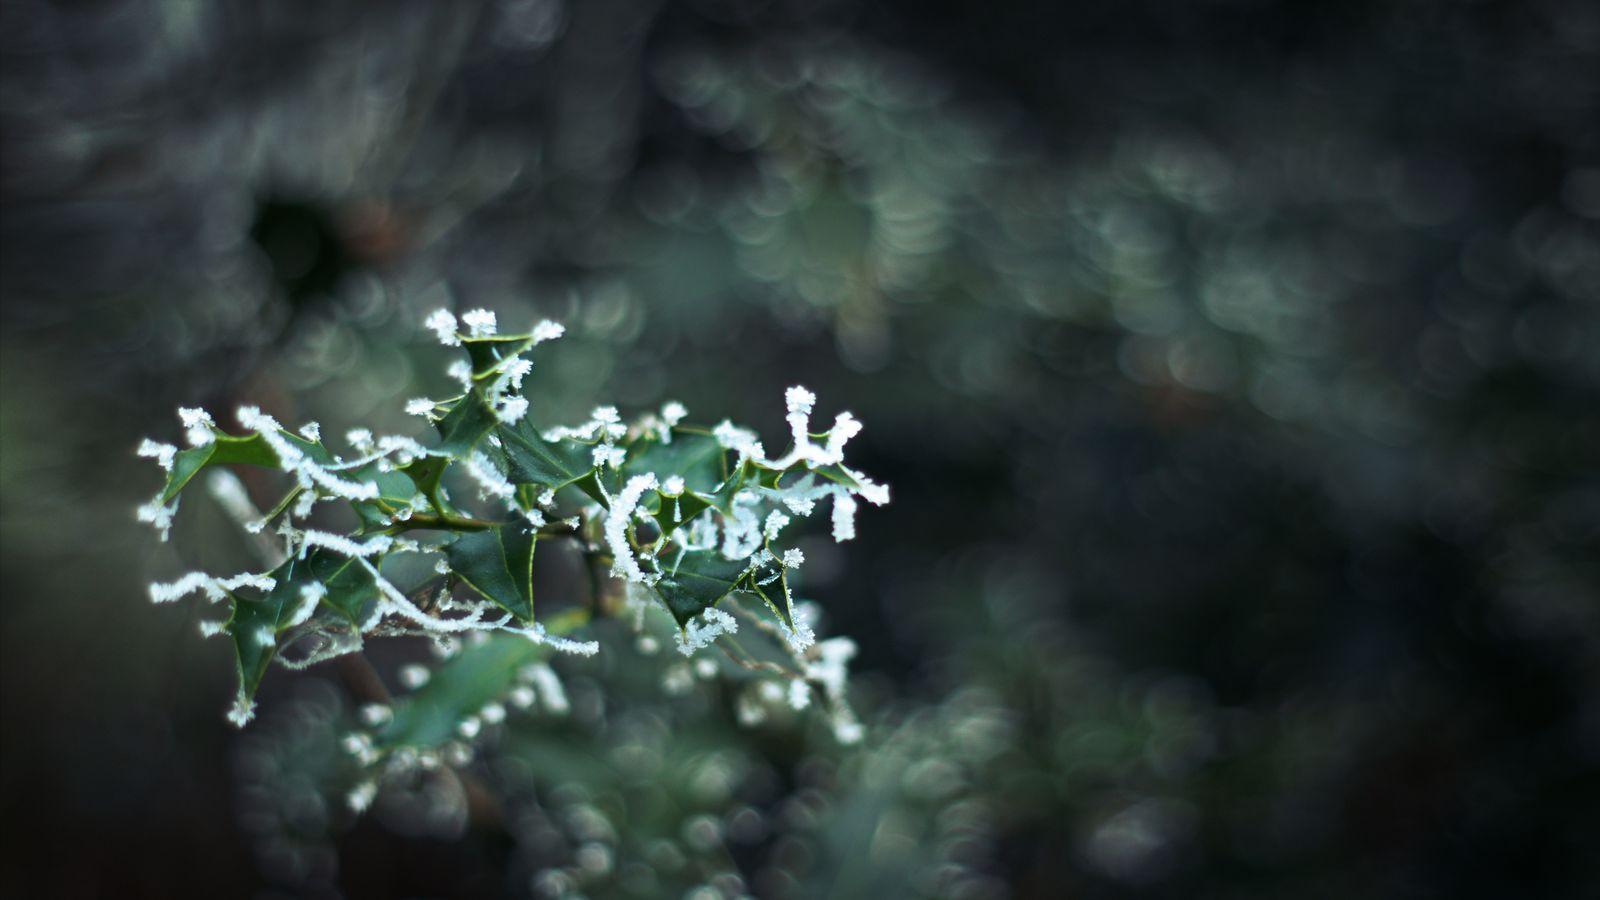 Pour la nouvelle année, depuis Jujurieu dans le Bugey, une photo de houx givré. Toutes les extrémités des feuilles sont recouvertes d'une dentelle de givre.